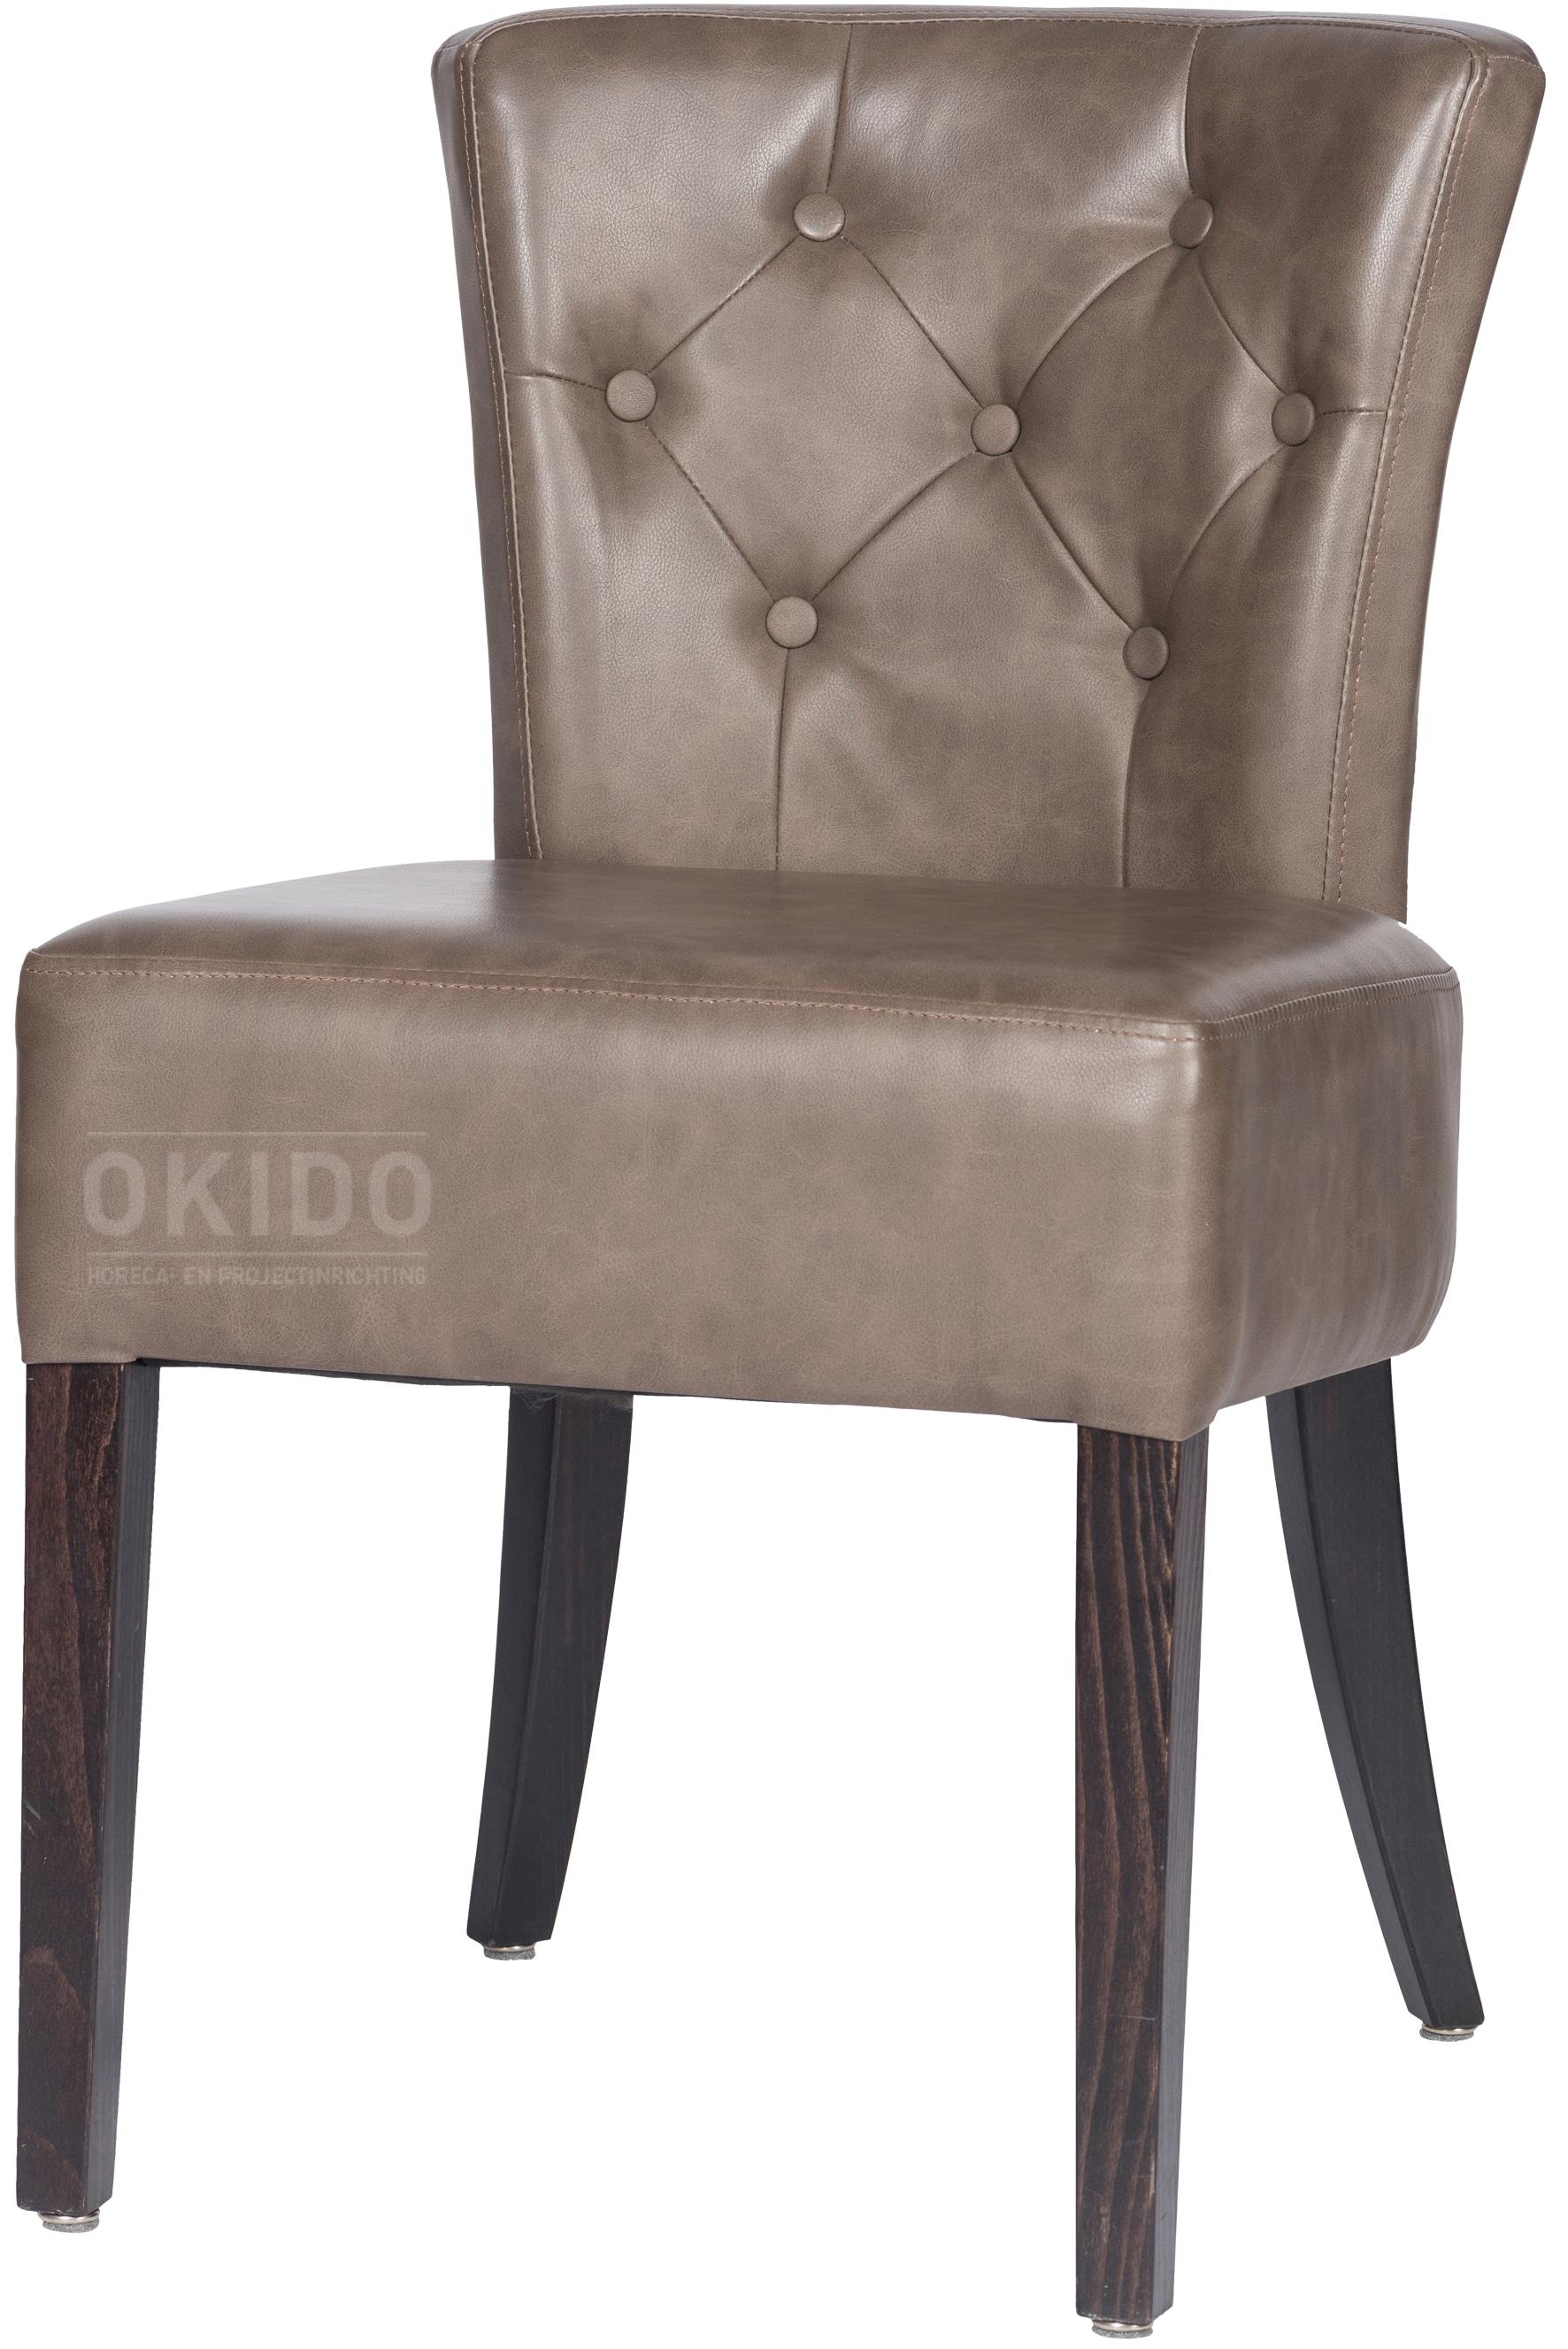 Omega C New Outlander HOOFDFOTO - Stoel Omega-C New Outlander